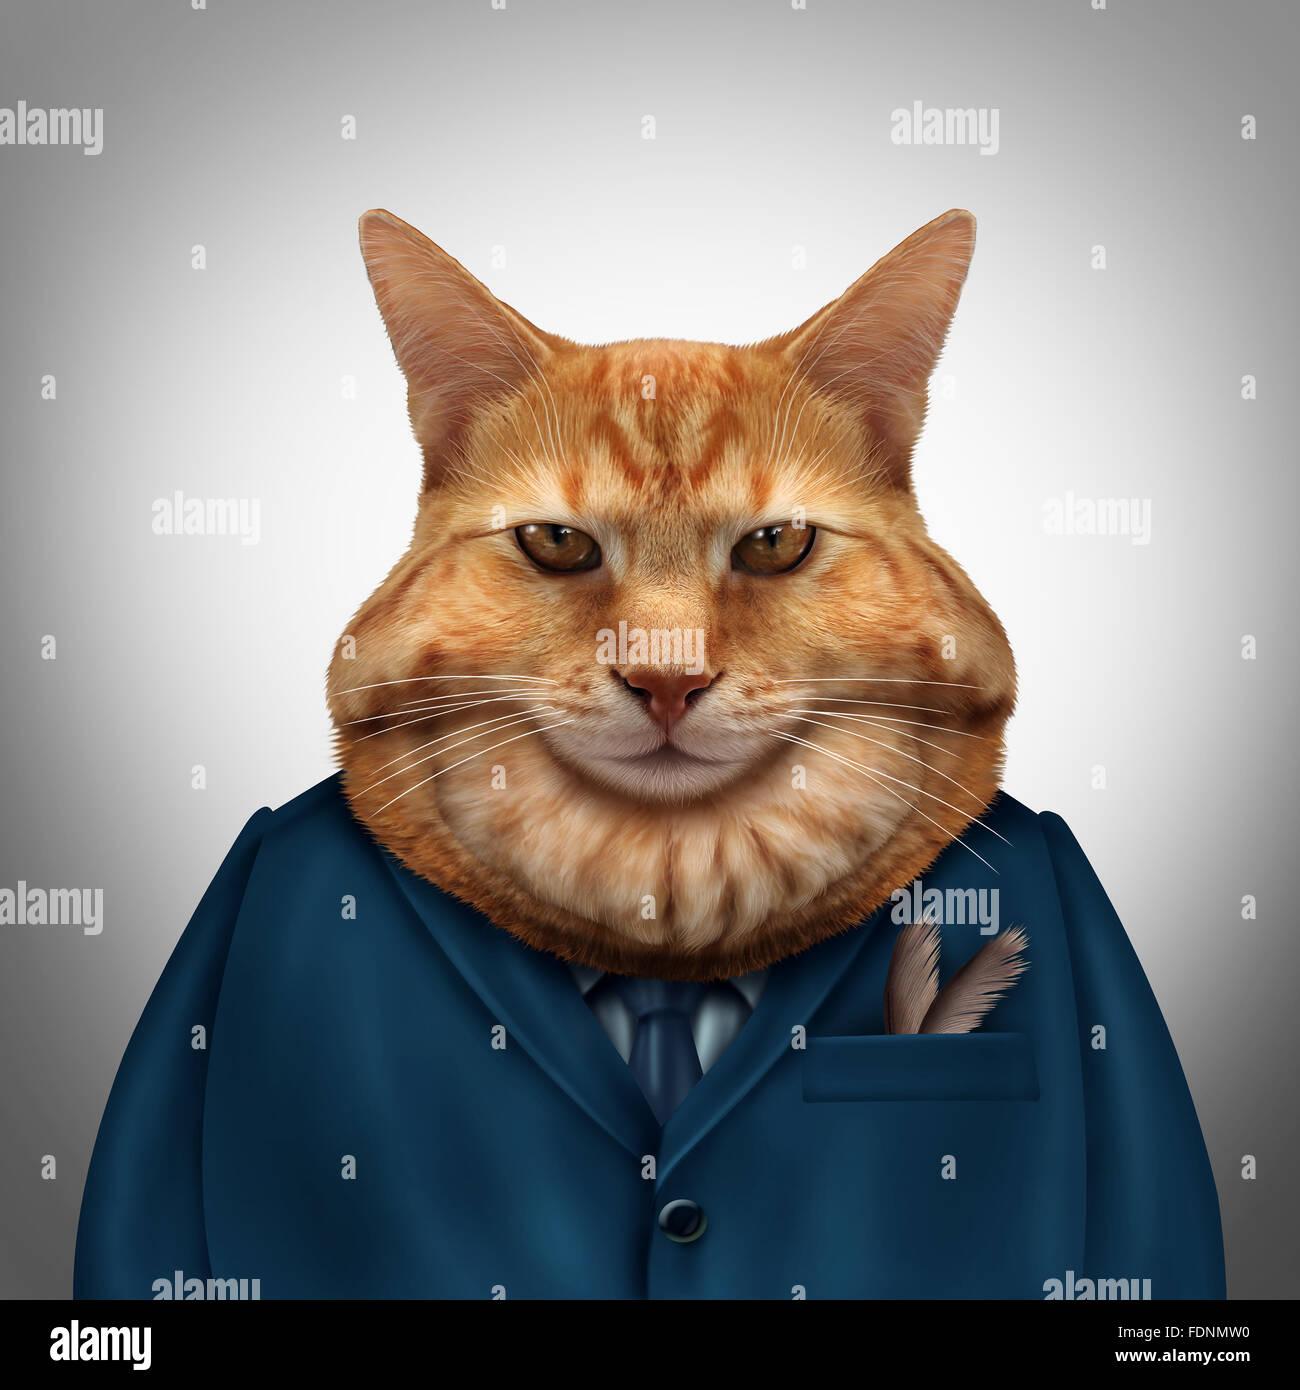 Business-Fat-Cat-Charakter als feline Tycoon Geschäftsmann Zeichen als Symbol für einen wohlhabenden Chef Stockbild